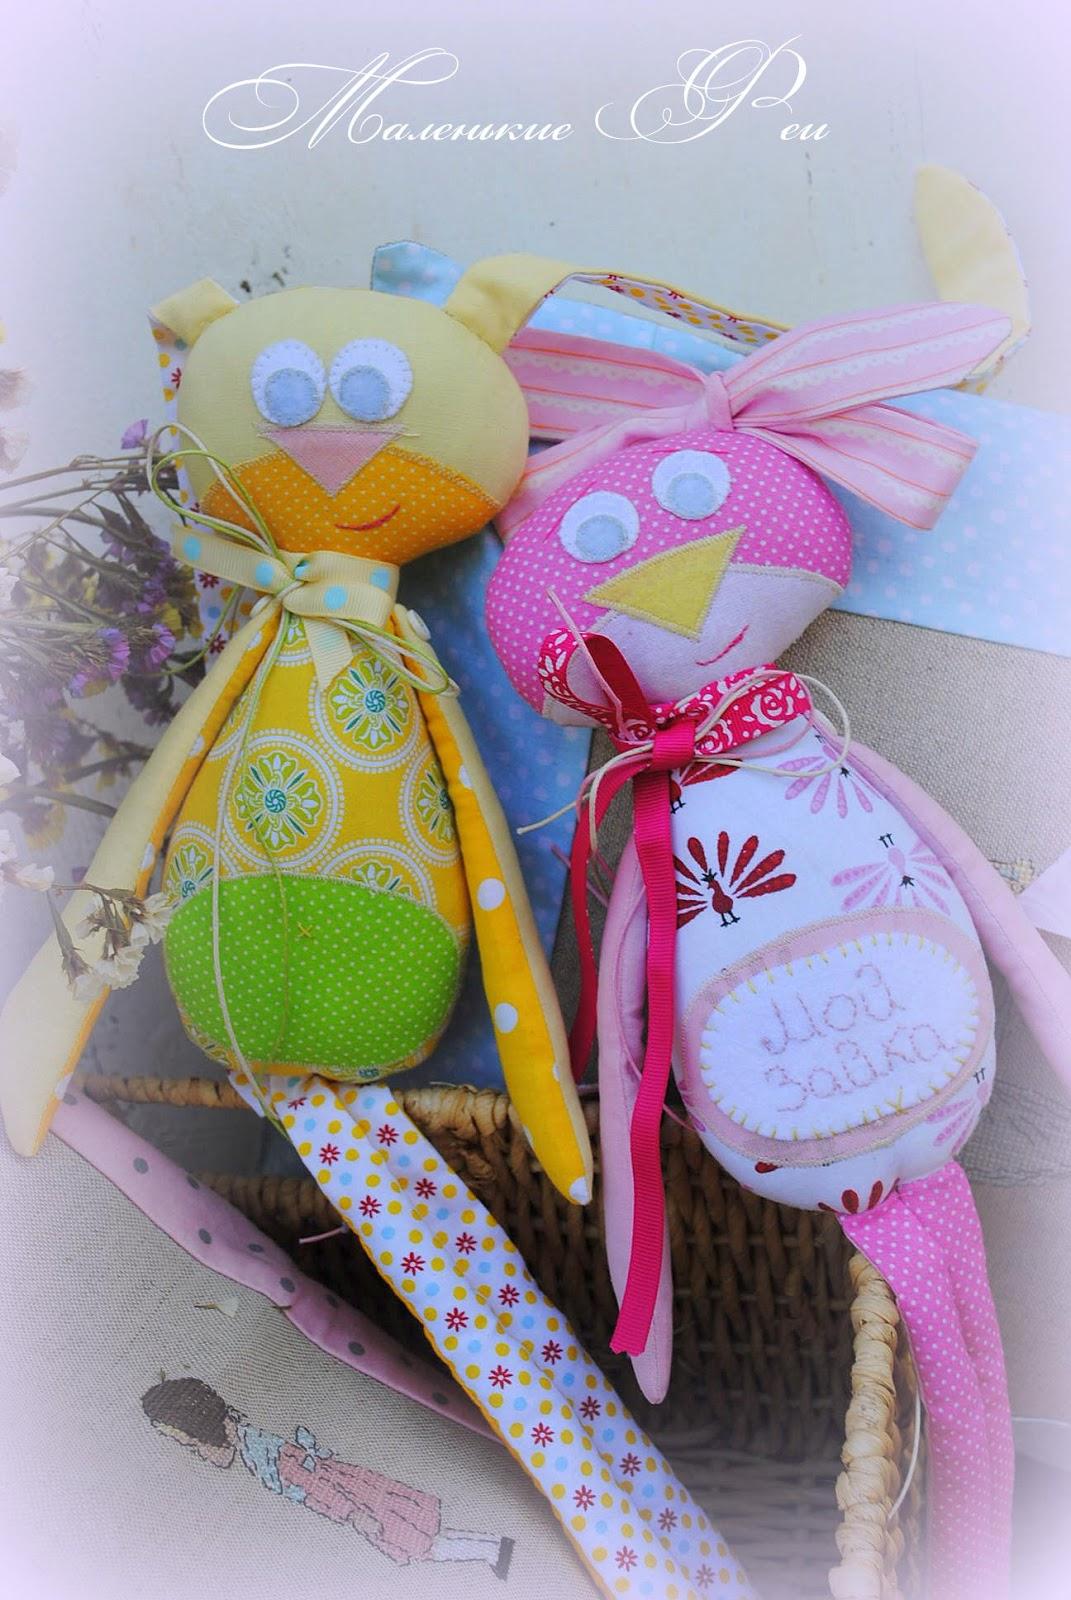 заяц, розовый, тильда, жёлтый, дети, ребенок, игрушки, куклы, кукла, тильда, хлопок, натурально, шитье,